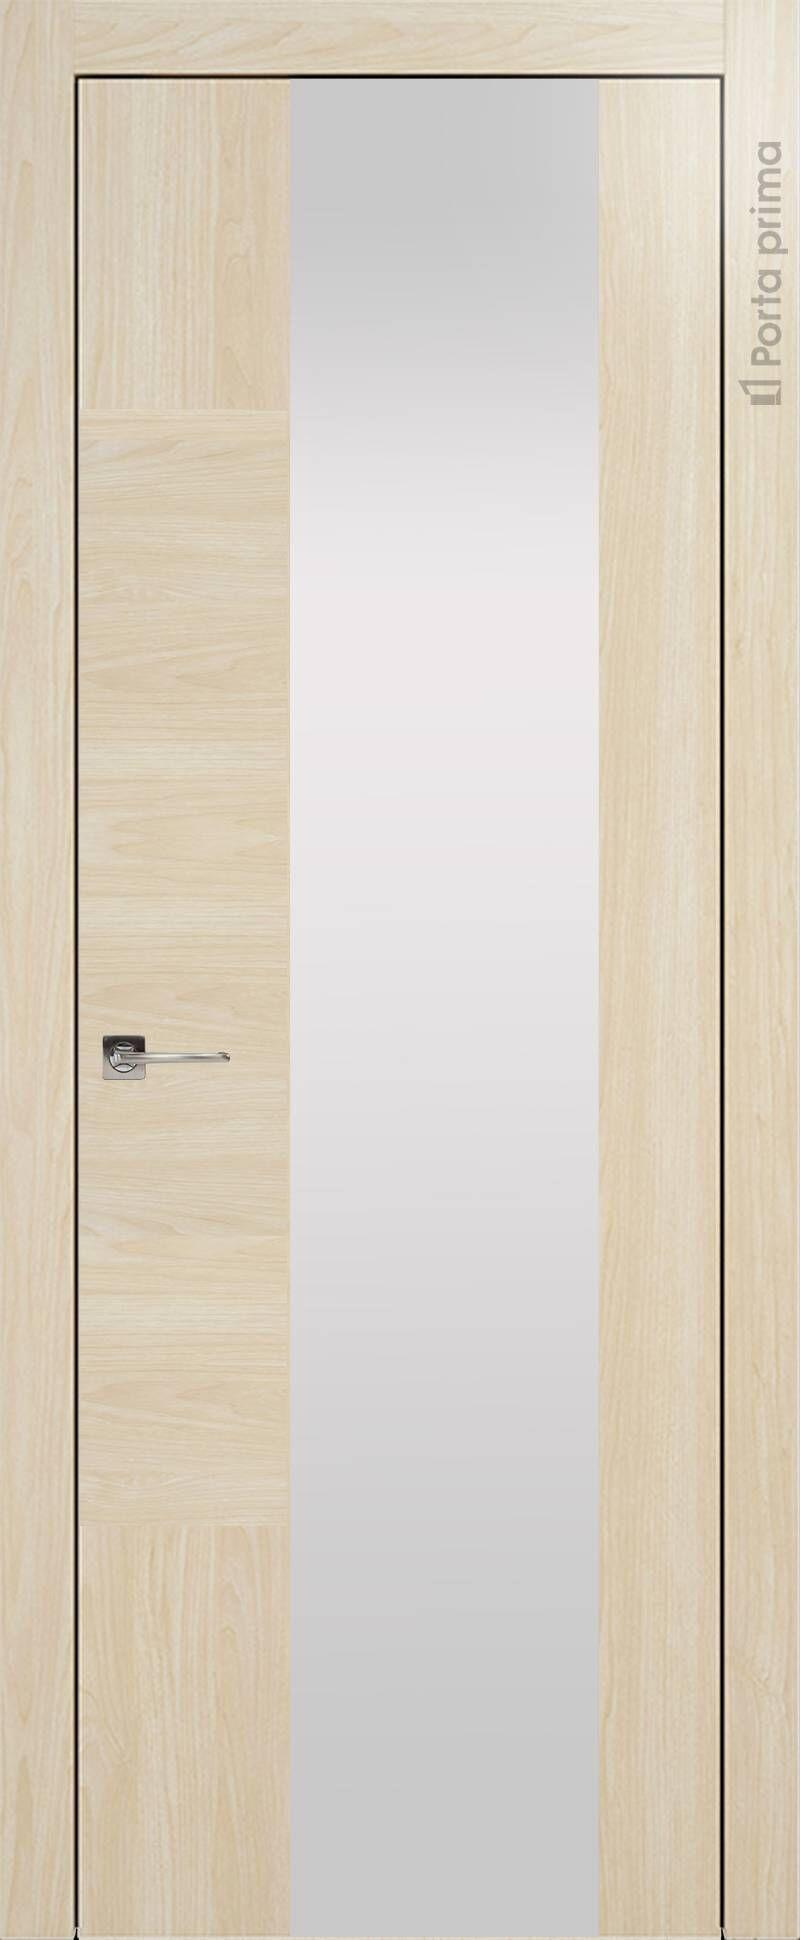 Tivoli Е-1 цвет - Клен Со стеклом (ДО)